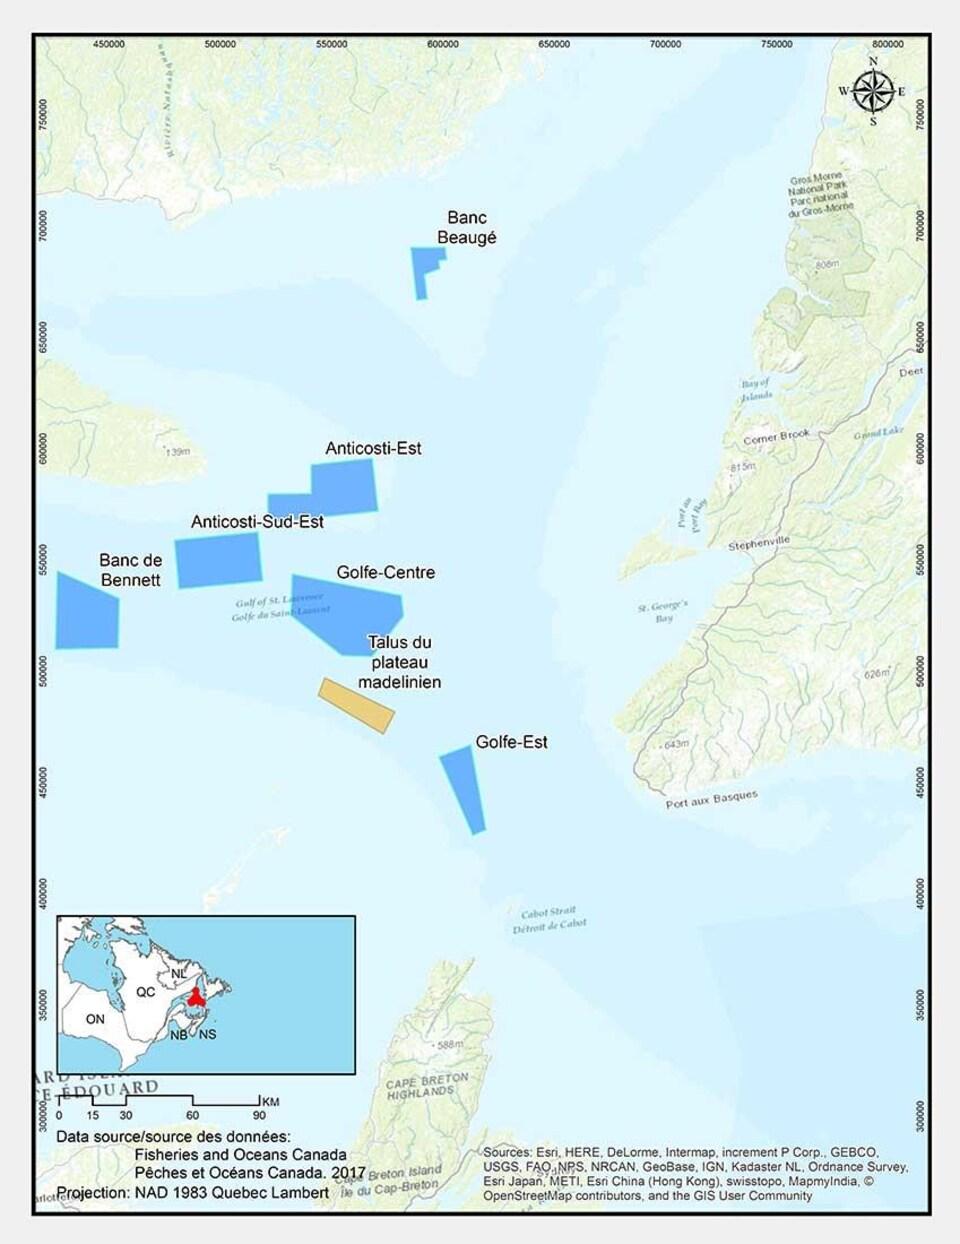 Carte de sept nouveaux refuges marins créés par Pêches et Océans